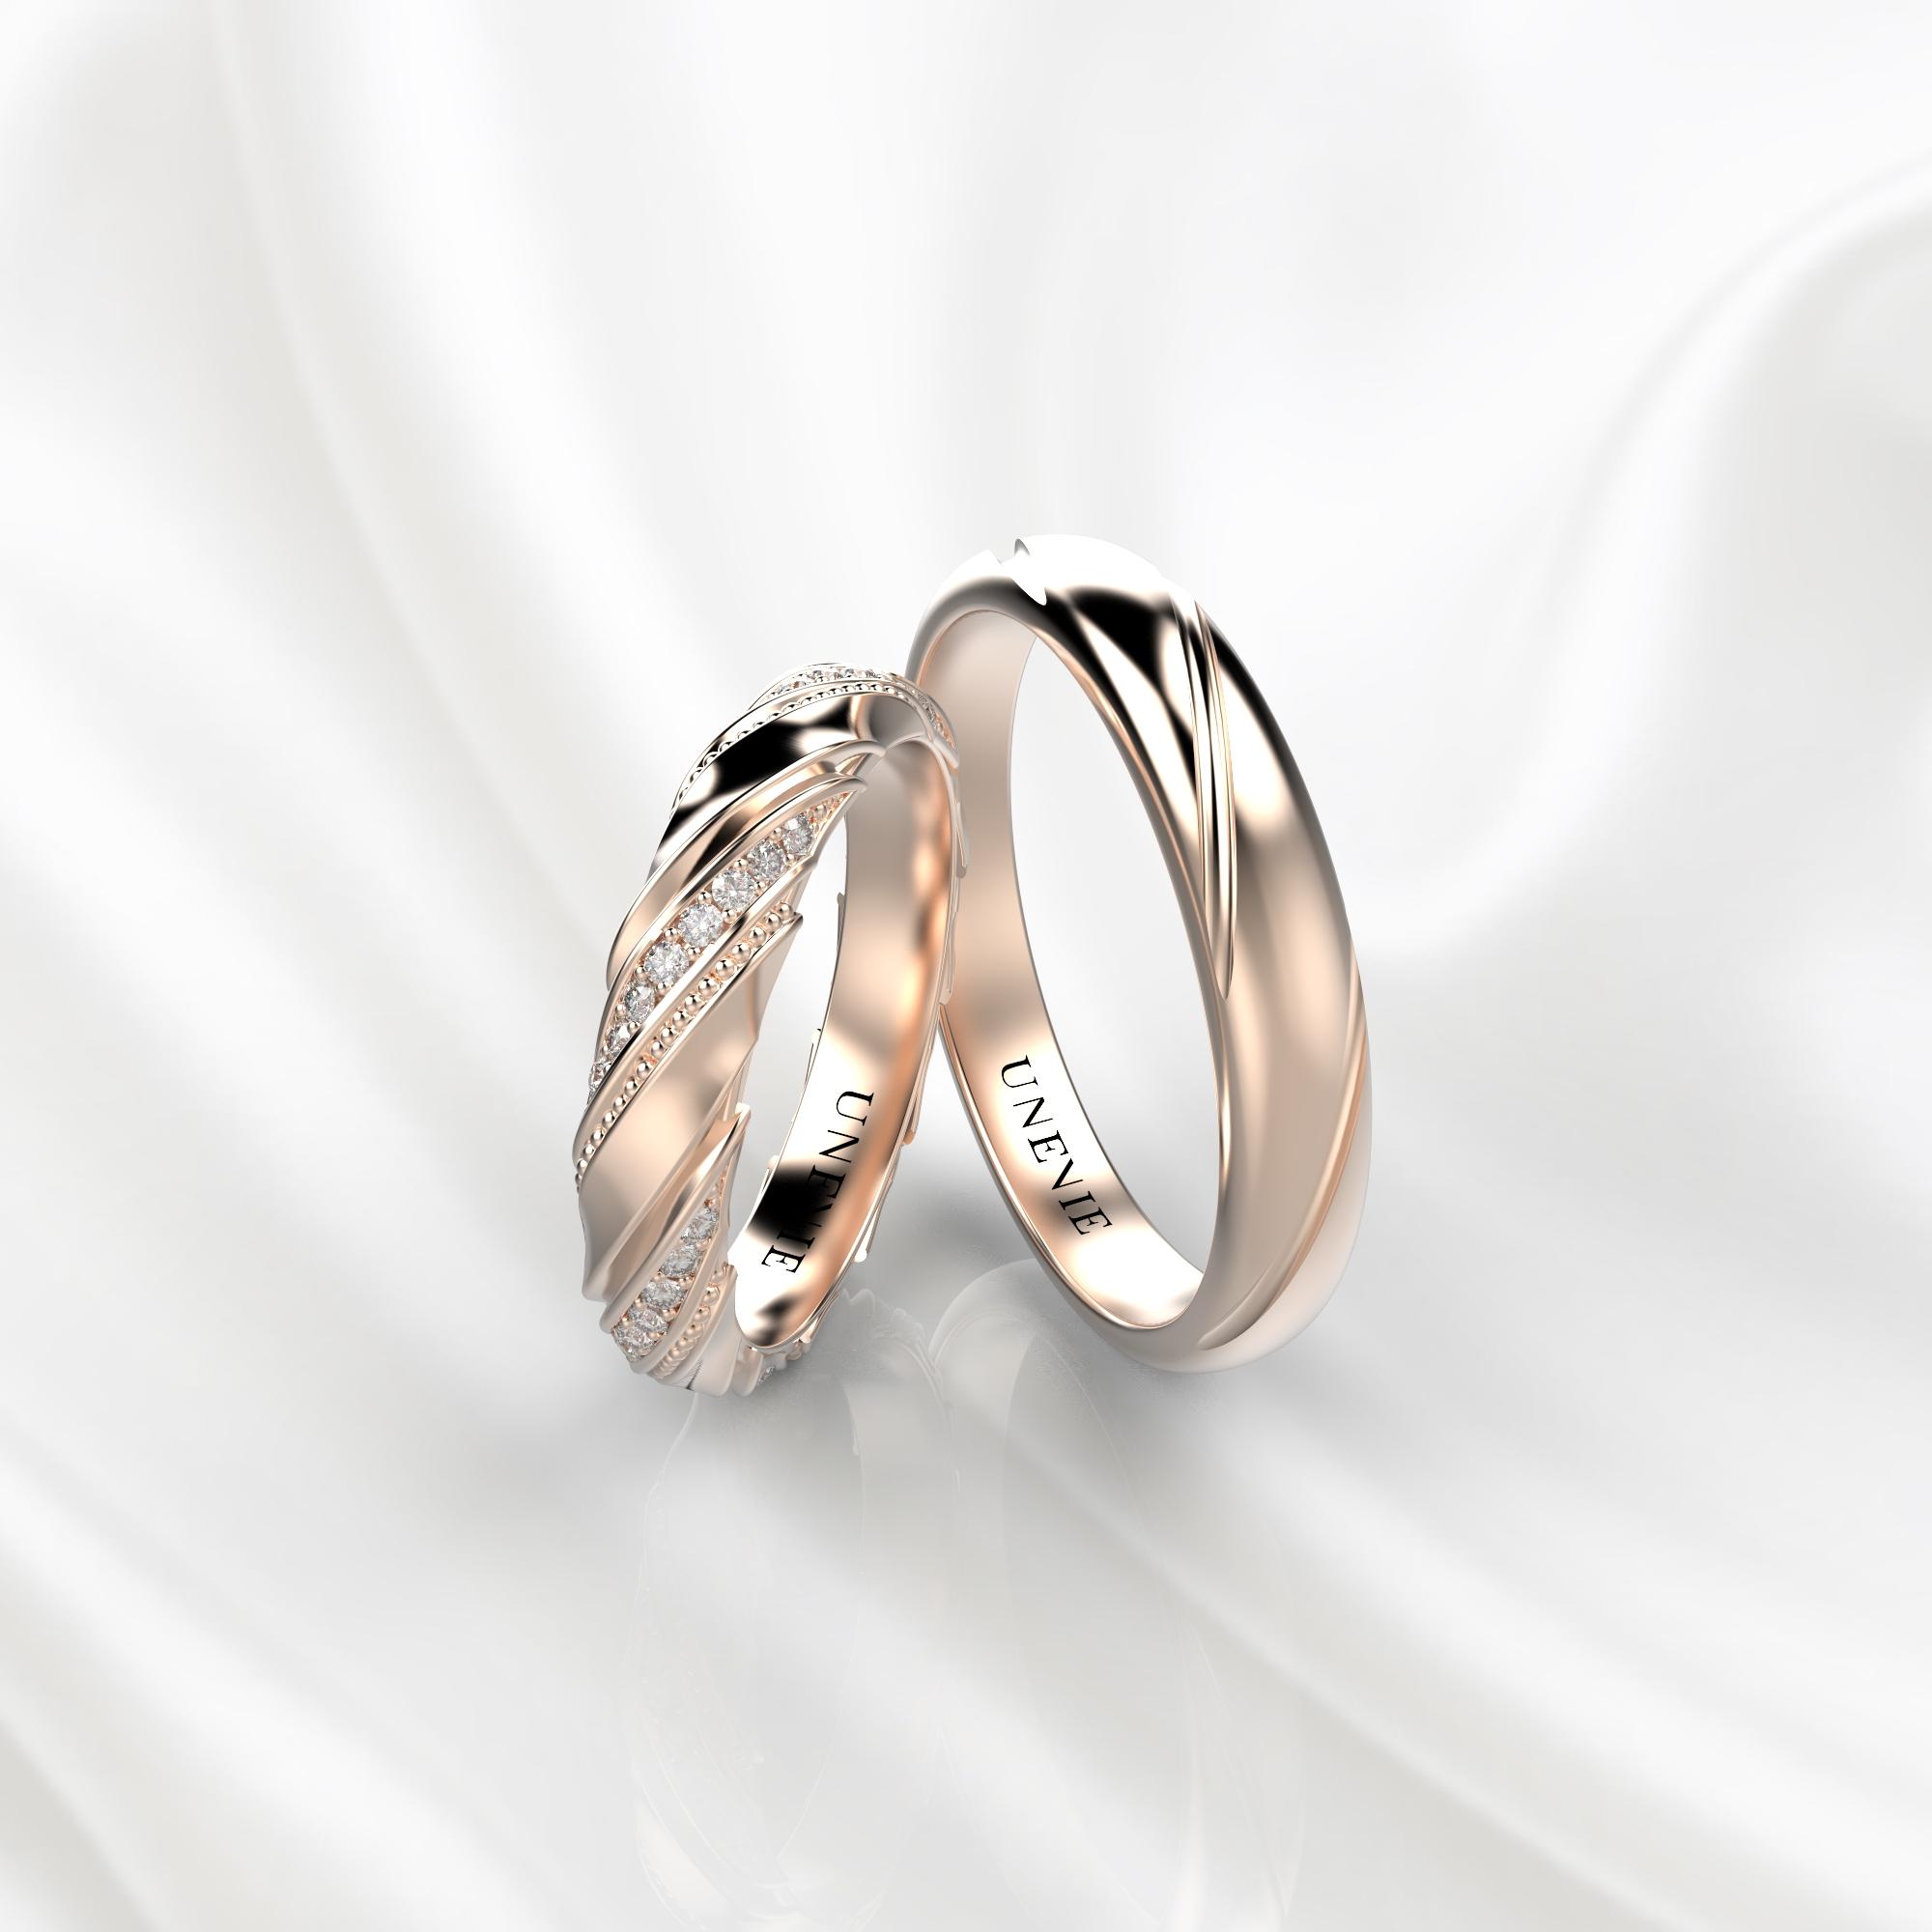 NV50 Парные обручальные кольца из розового золота с бриллиантами